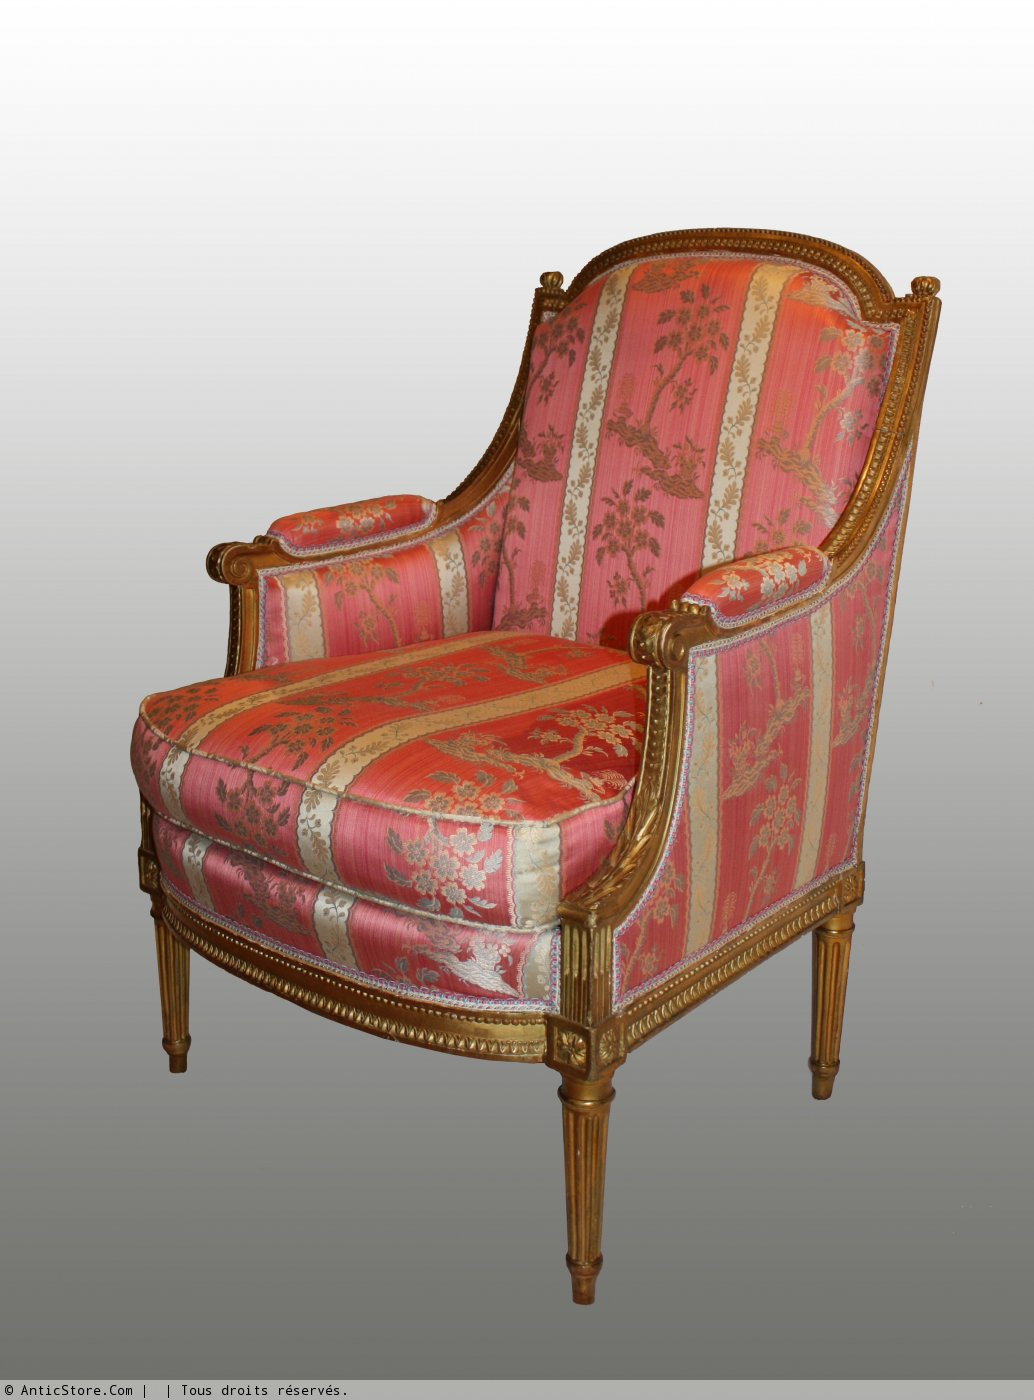 petit mobilier en bois dor par marc gautron anticstore antiquit s 18 me si cle r. Black Bedroom Furniture Sets. Home Design Ideas